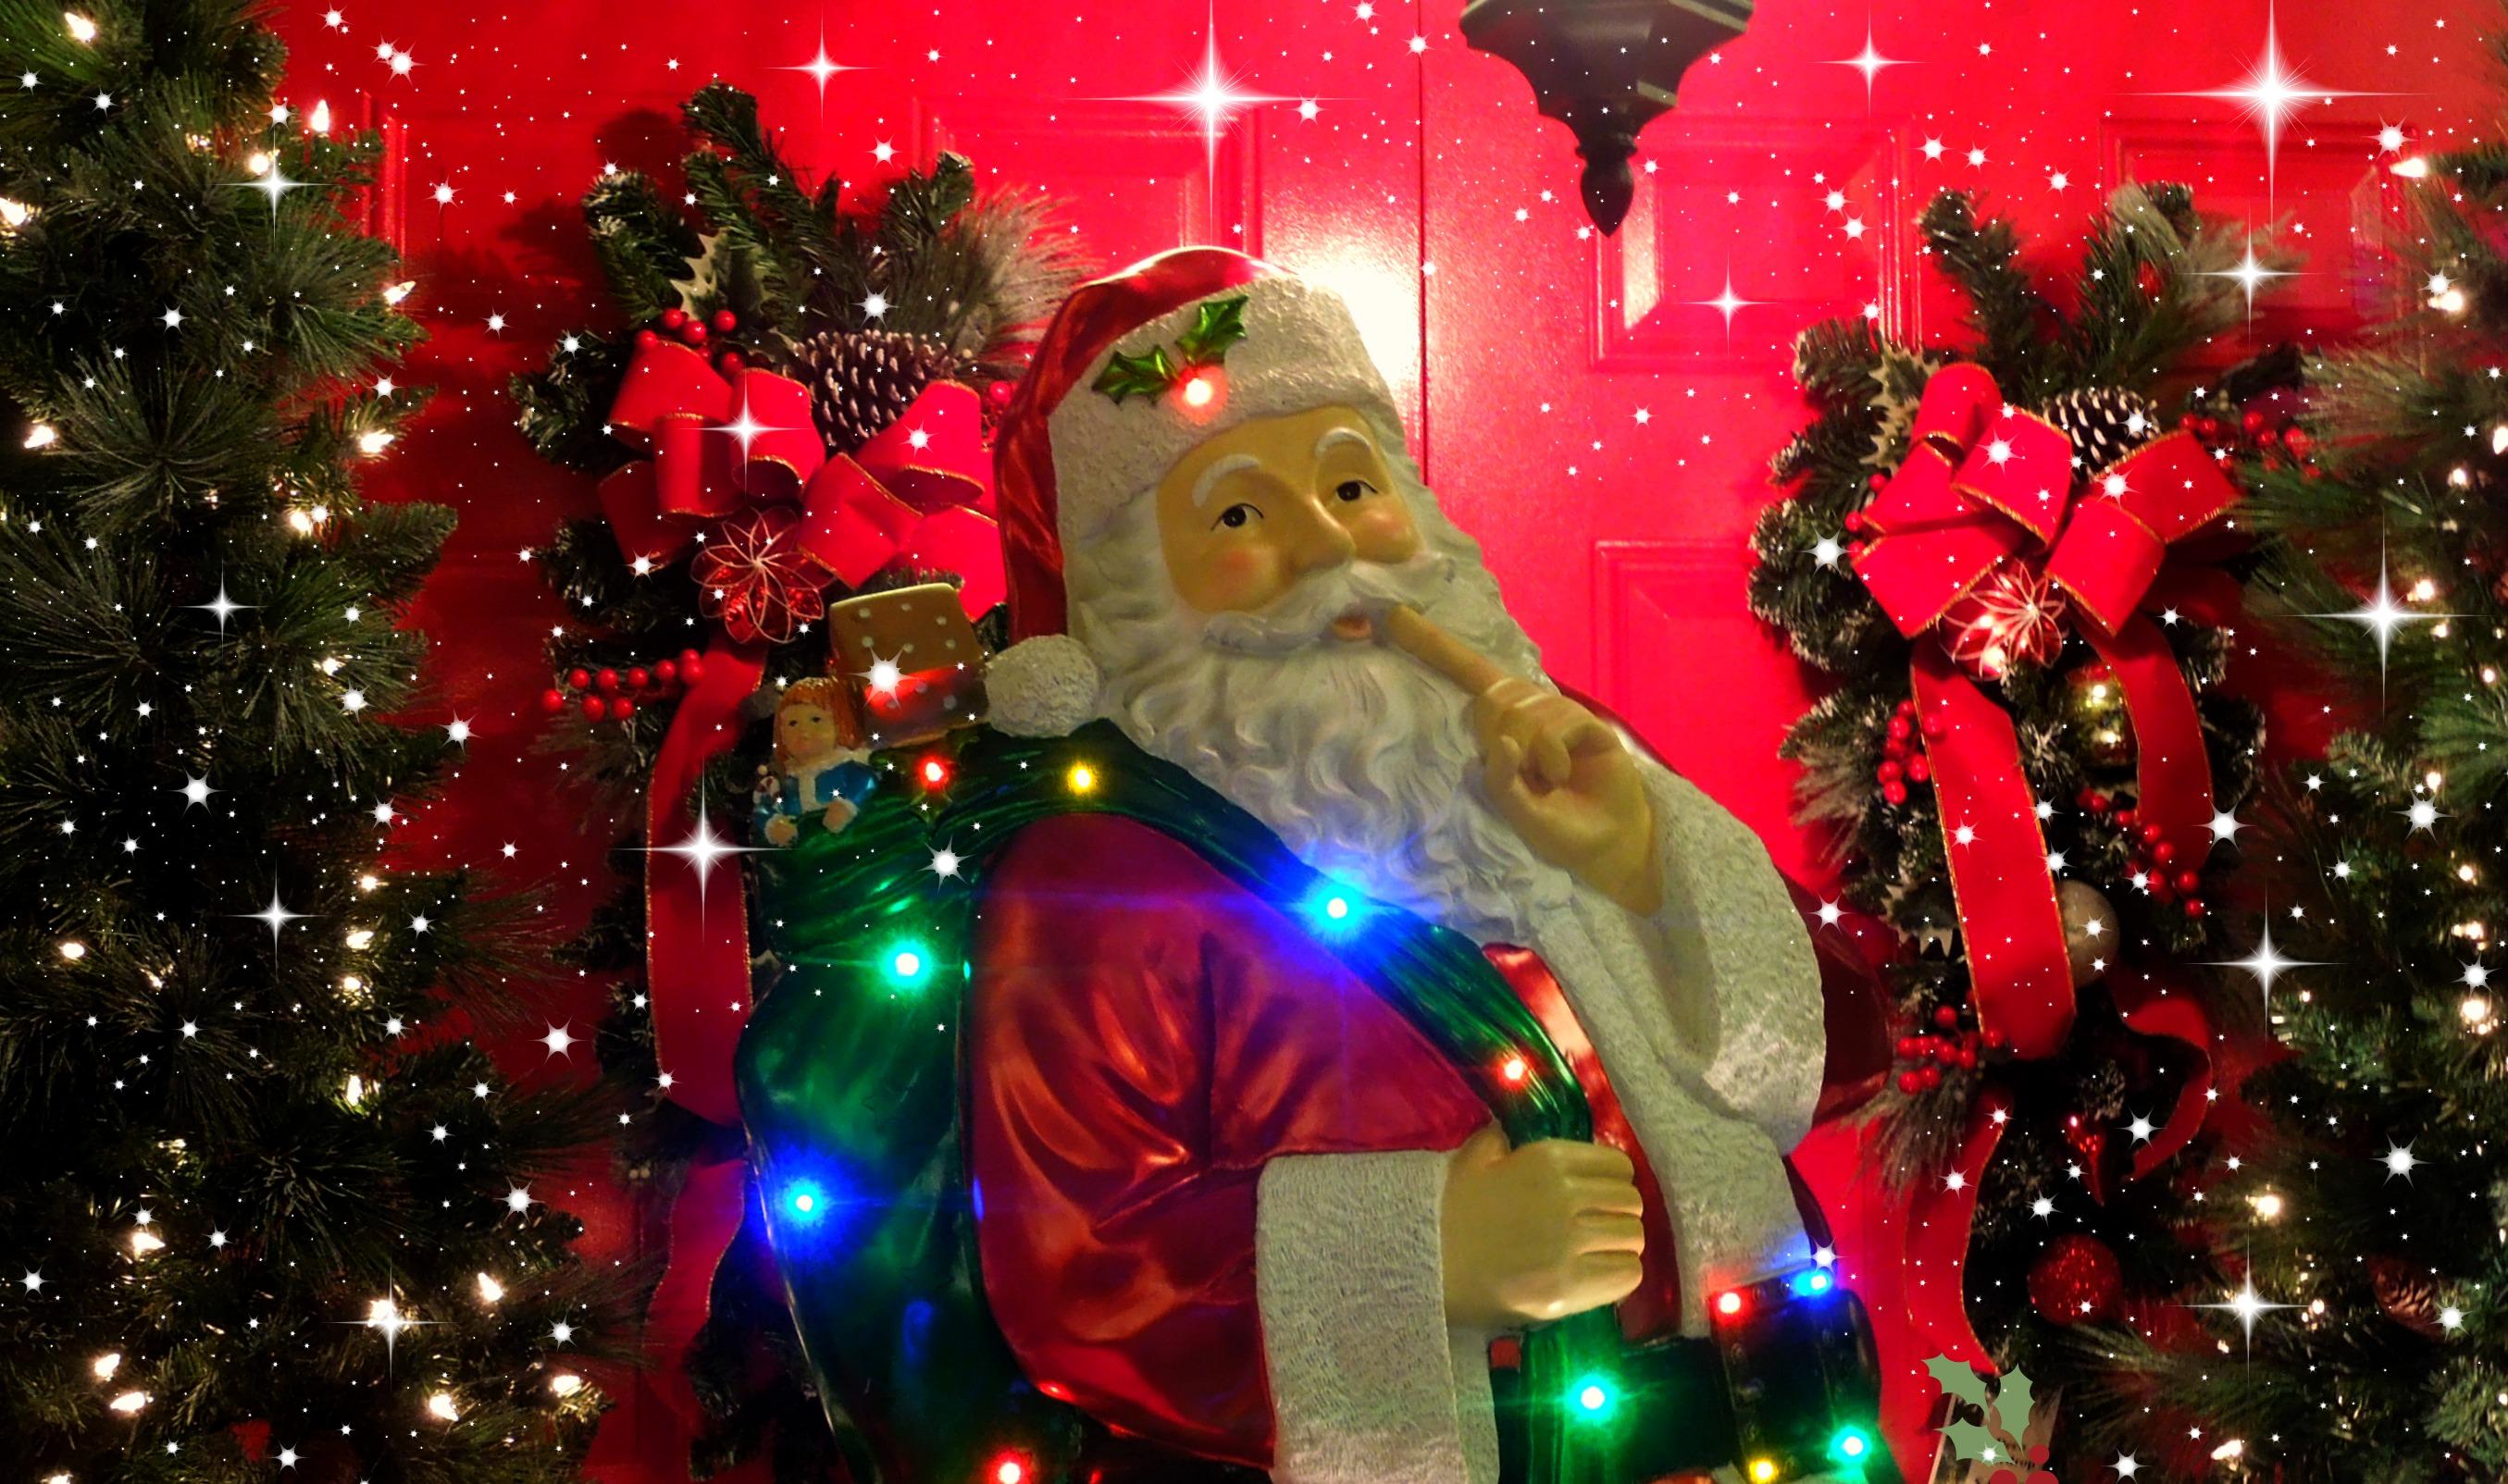 Weihnachtsbeleuchtung Kranz.Hintergrundbilder Beleuchtung Weihnachtsbaum Weihnachten Urlaub